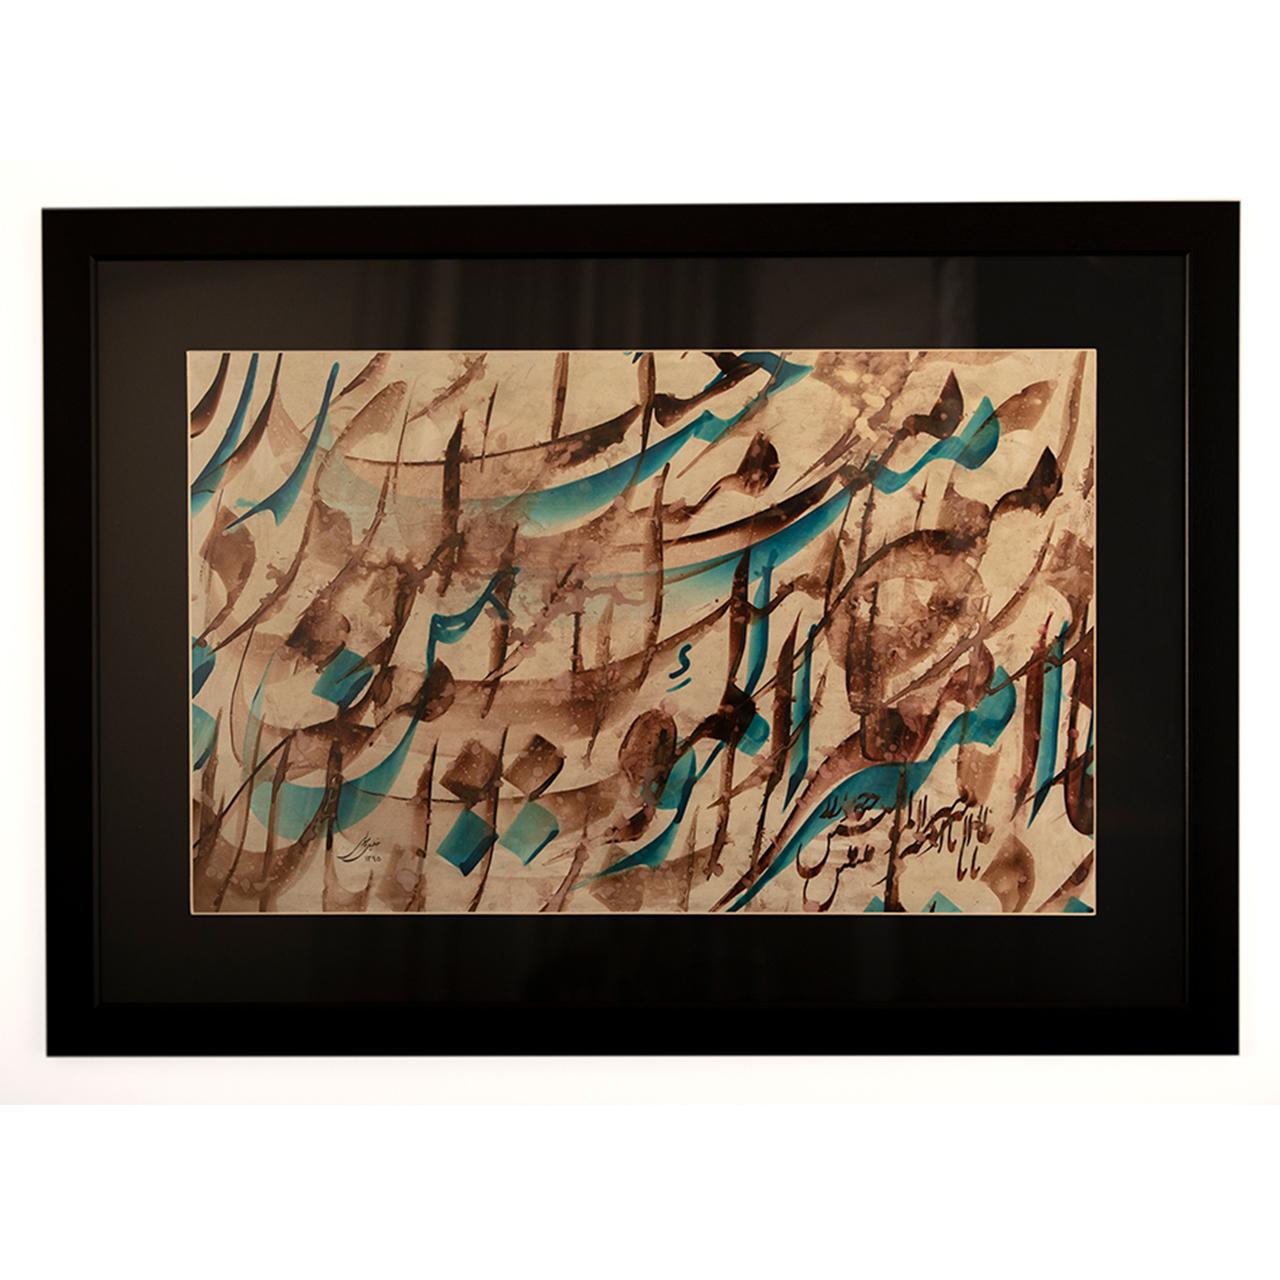 تابلو خط گالری کافی چاپ طرح حیدر (ع) اثر استاد خلیل رسولی